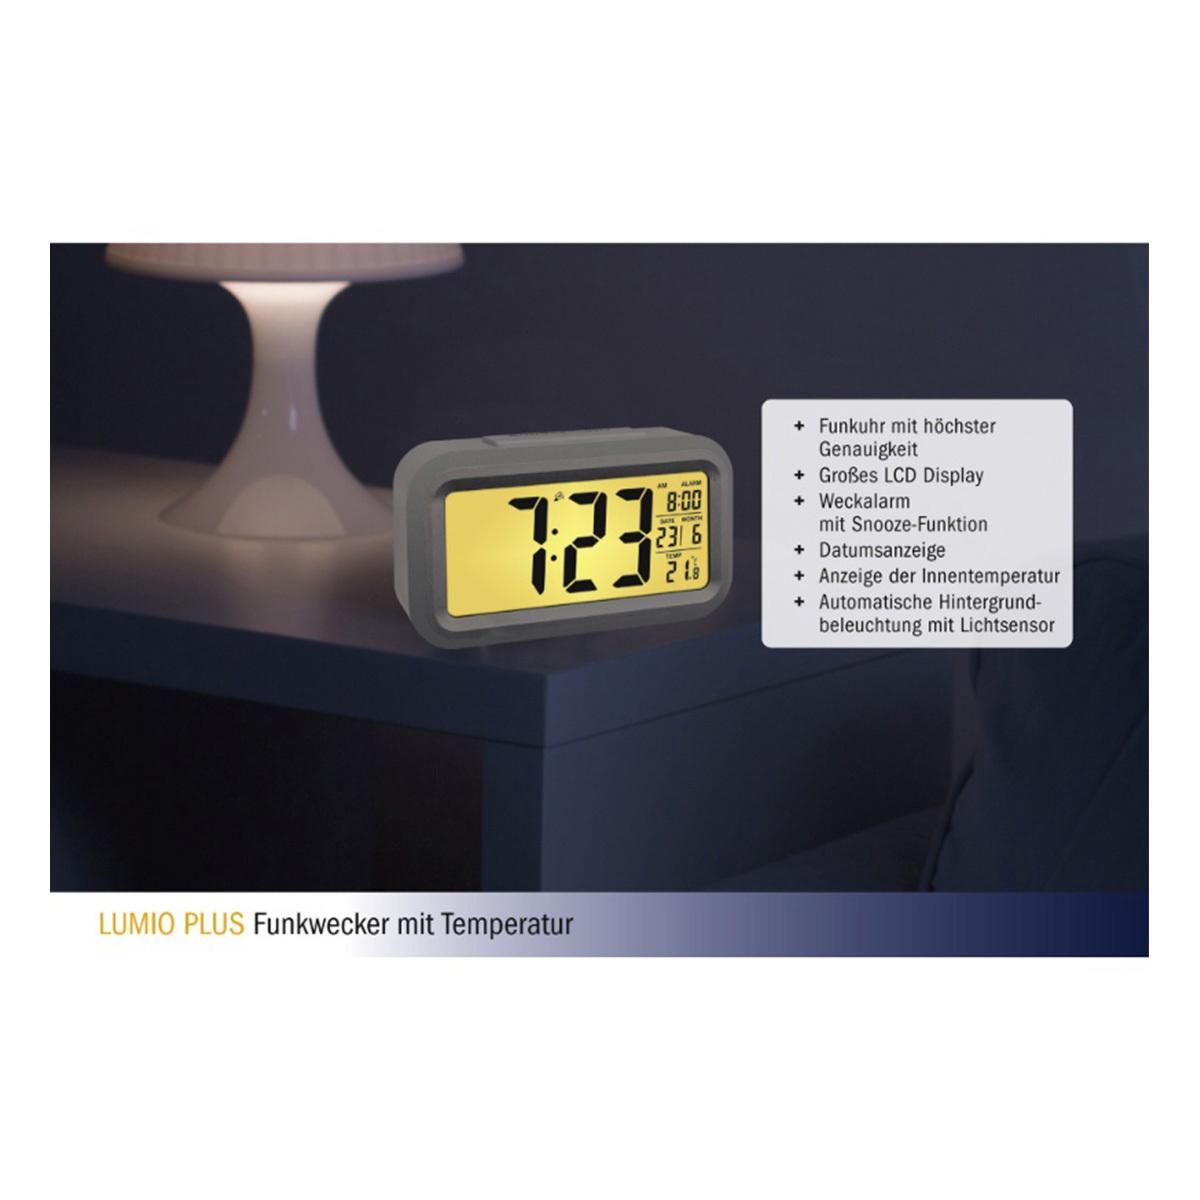 60-2553-02-digitaler-funk-wecker-mit-temperatur-lumio-plus-vorteile-1200x1200px.jpg